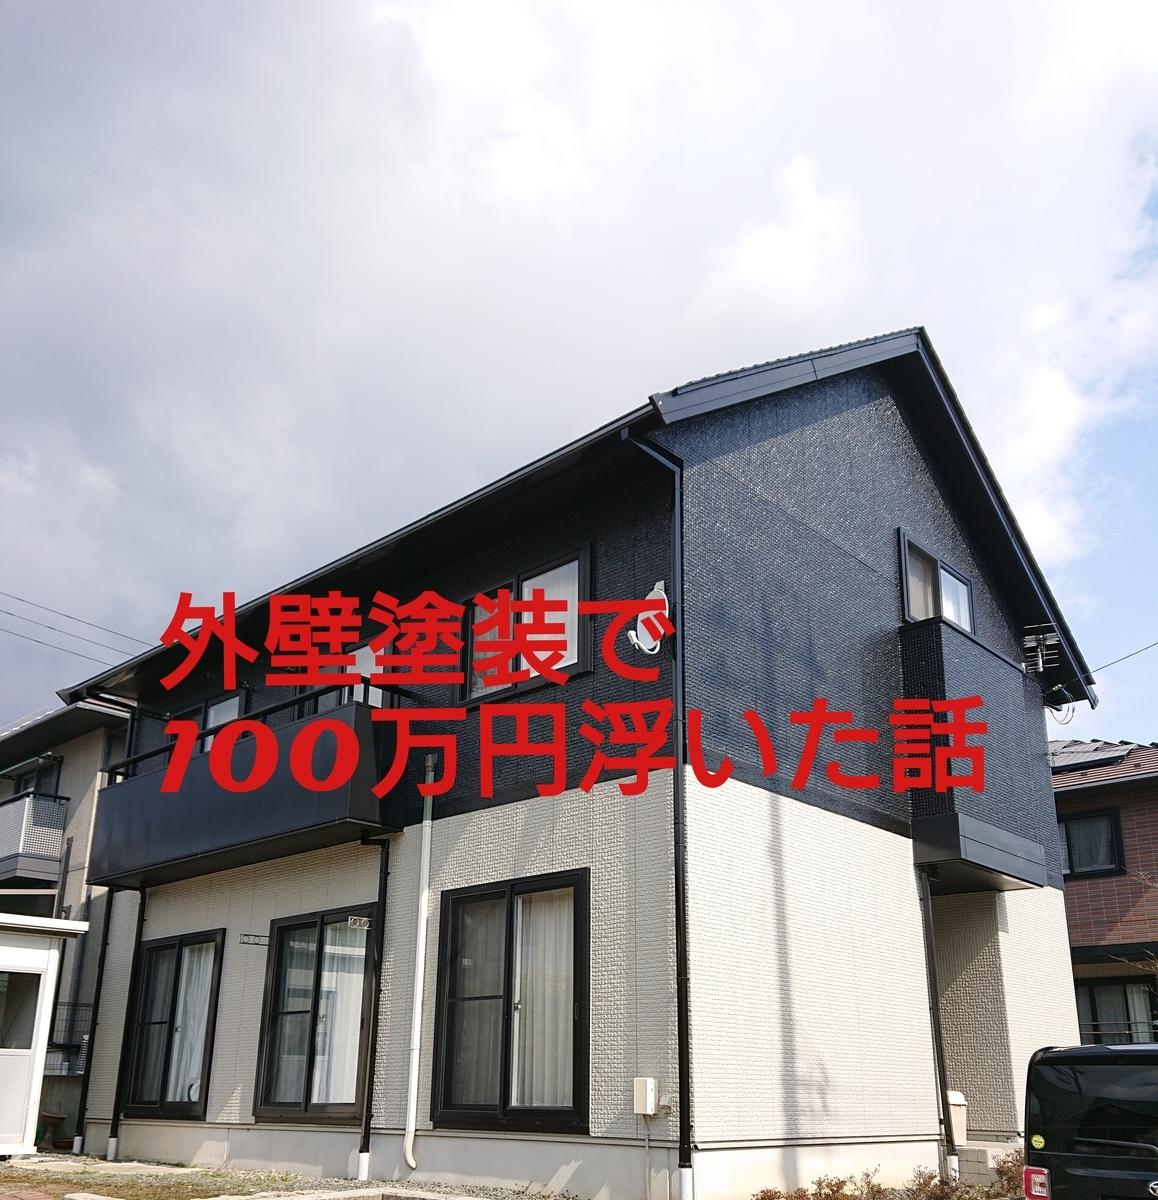 f:id:nikonikopun0813:20200406154103j:plain